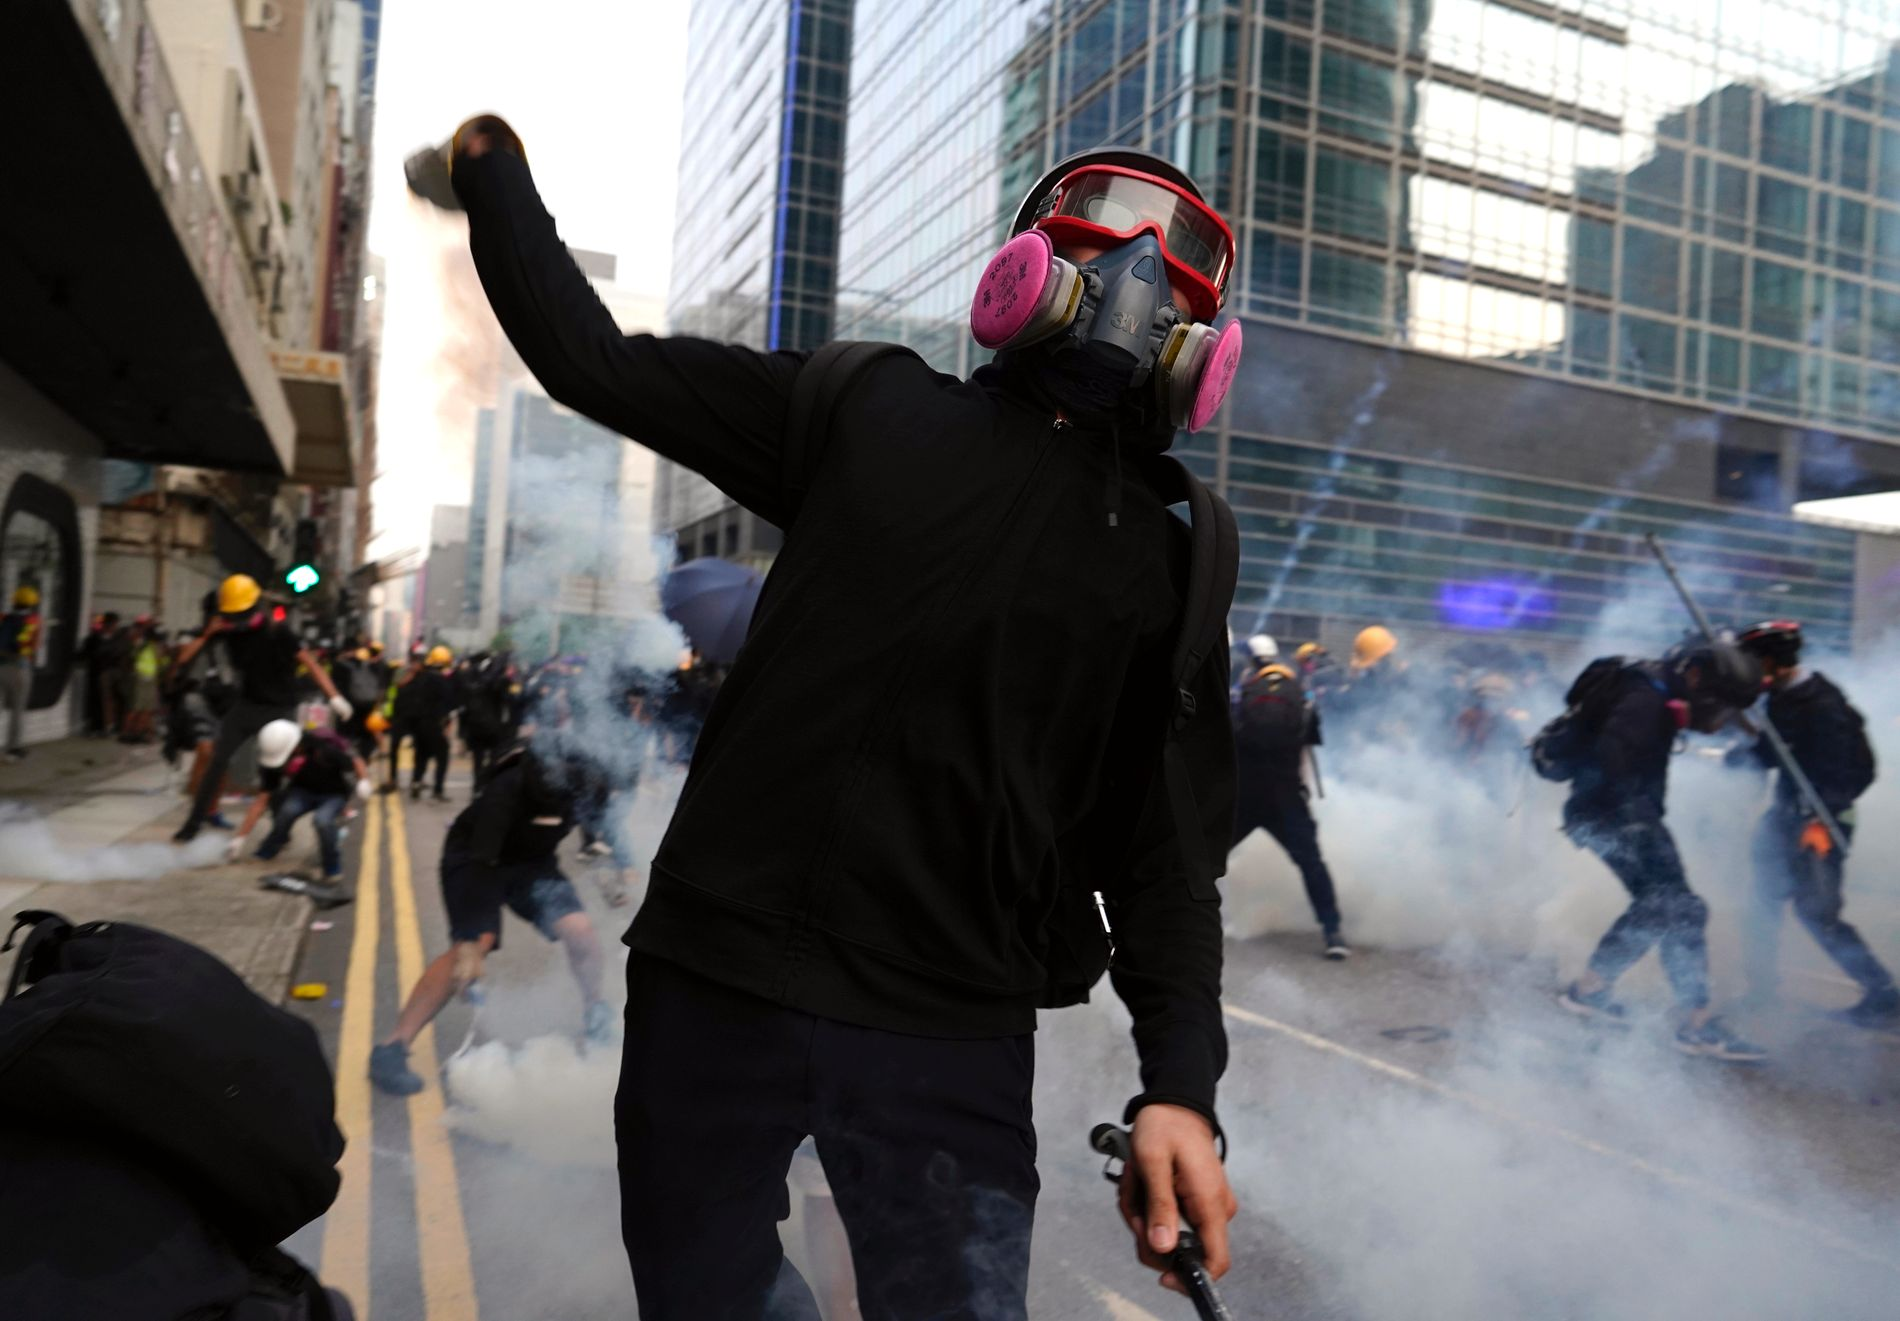 MOT POLITIET: Demonstranter i Hongkong kastet bensinbomber og murstein mot politiet lørdag. Etter demonstrasjonene ble 10 kvinner og 19 menn pågrepet.